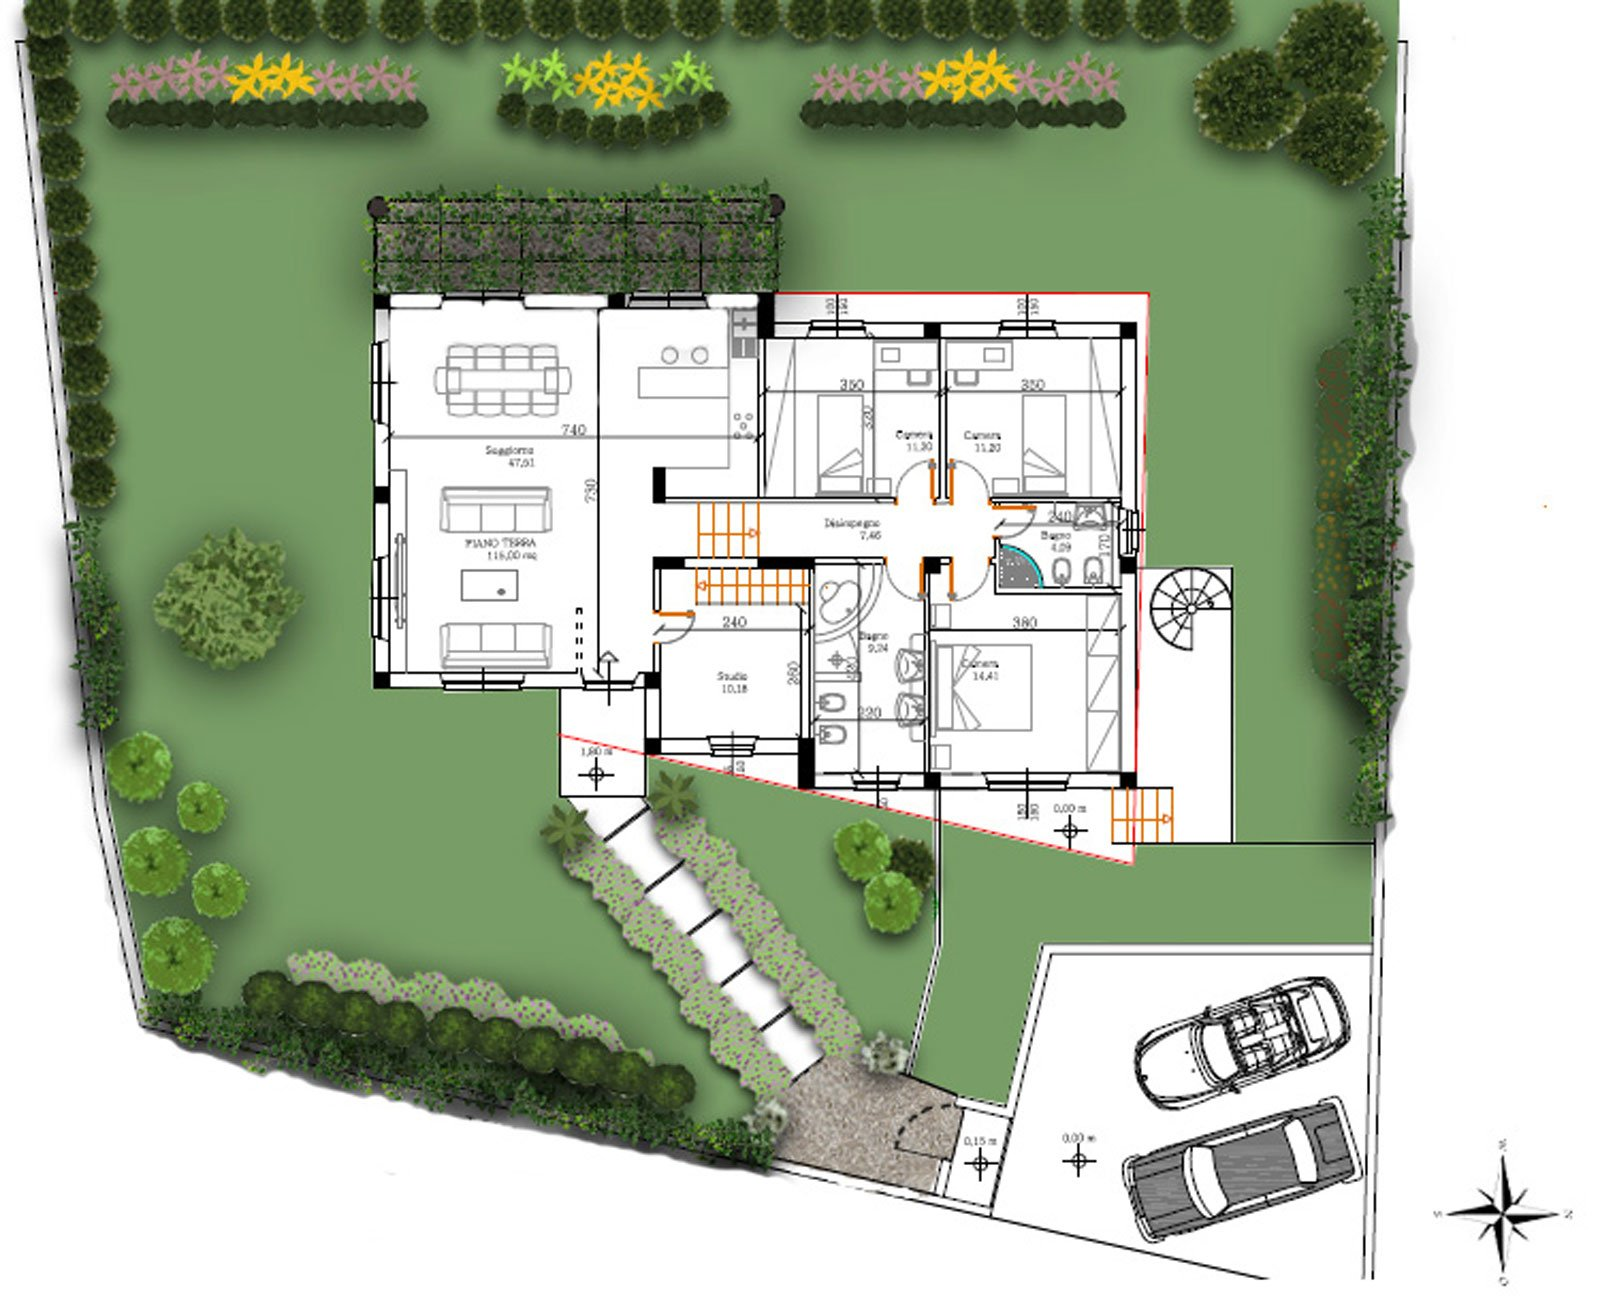 Un progetto per il giardino della villetta cose di casa for Piani di casa in stile ranch con garage a lato